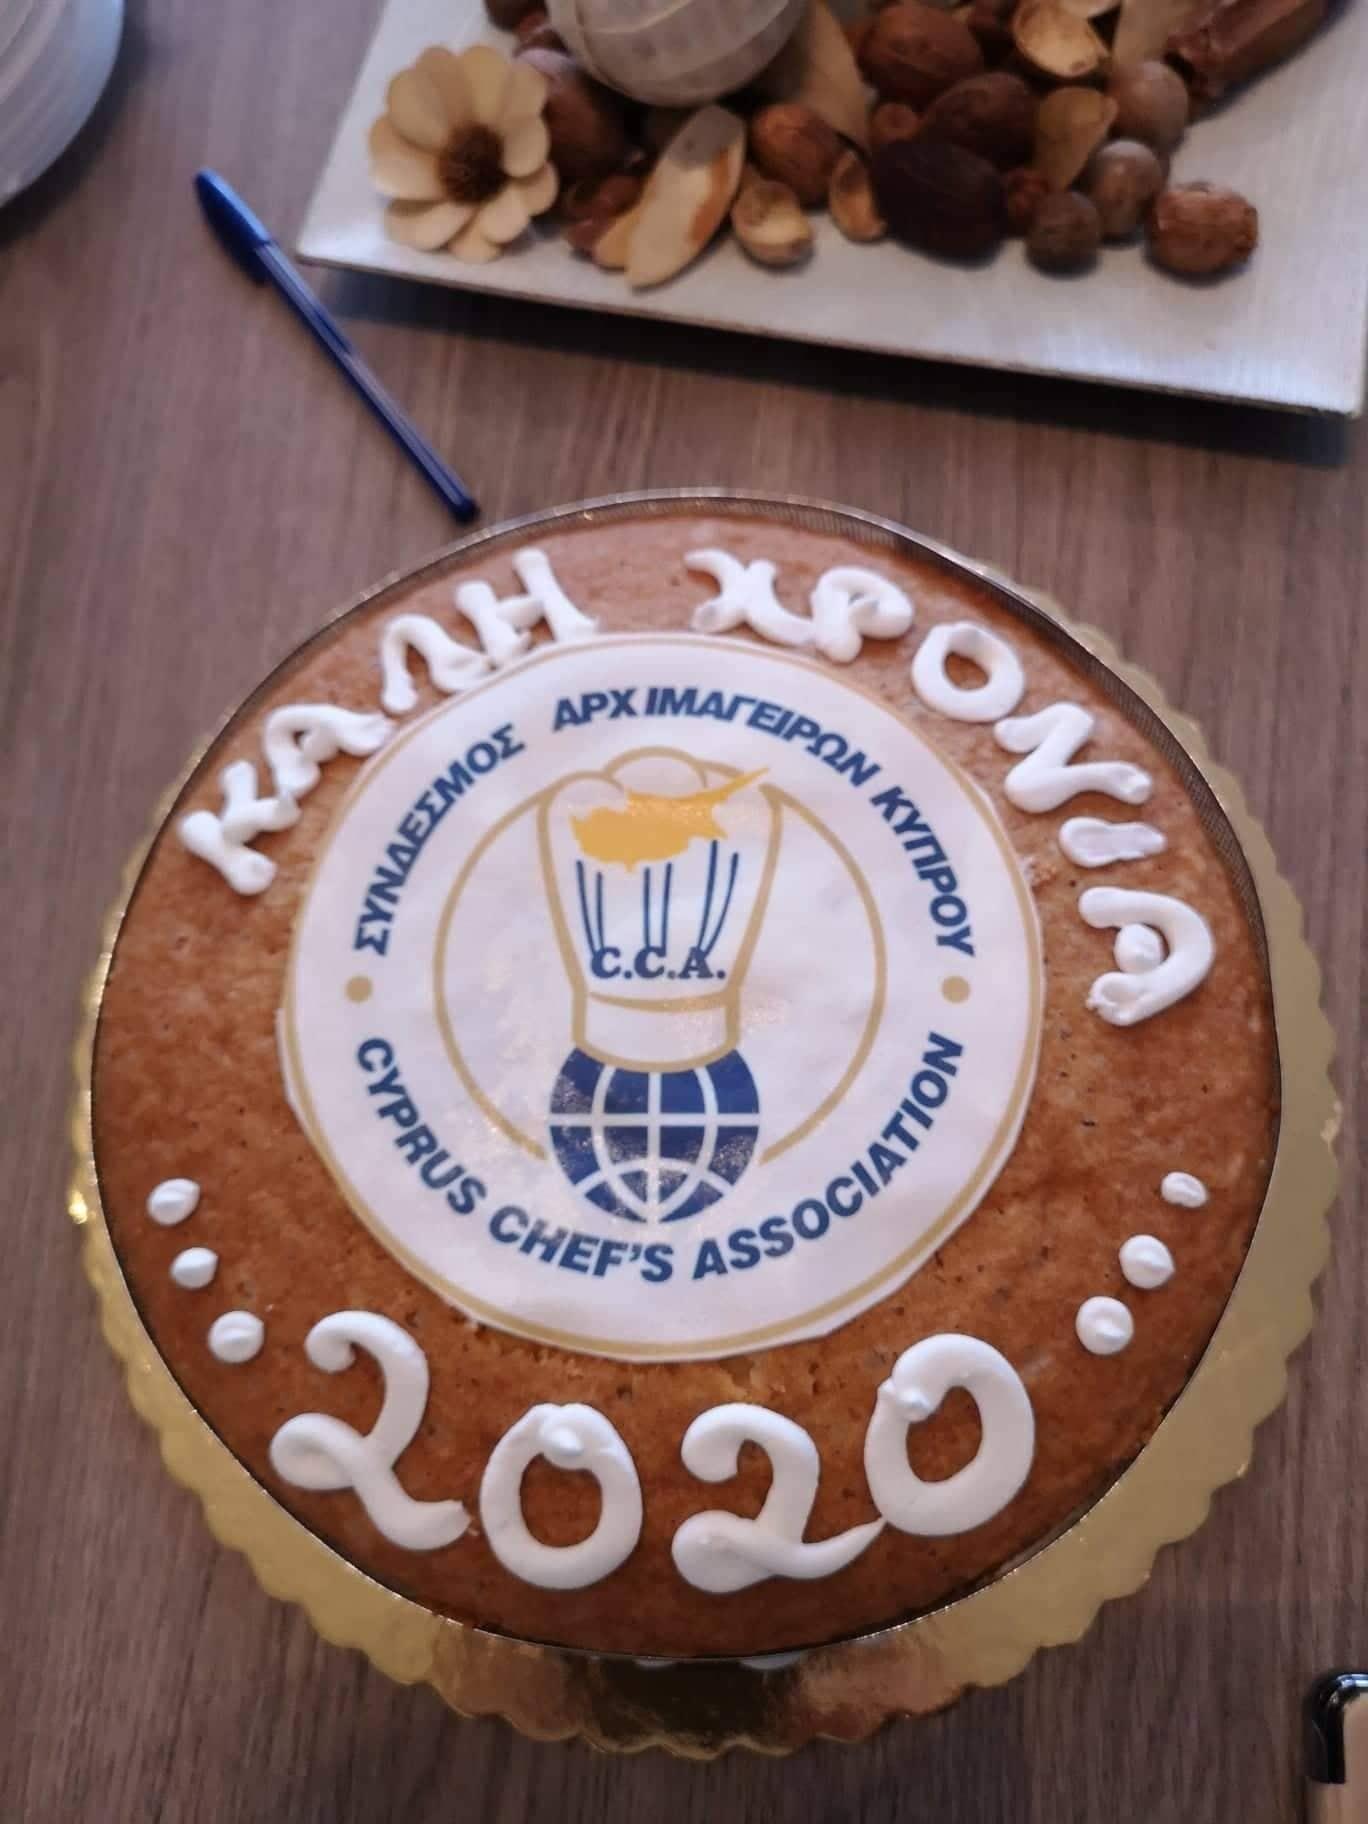 Cyprus Chefs Association - First Meeting 2020 - Vasilopitta